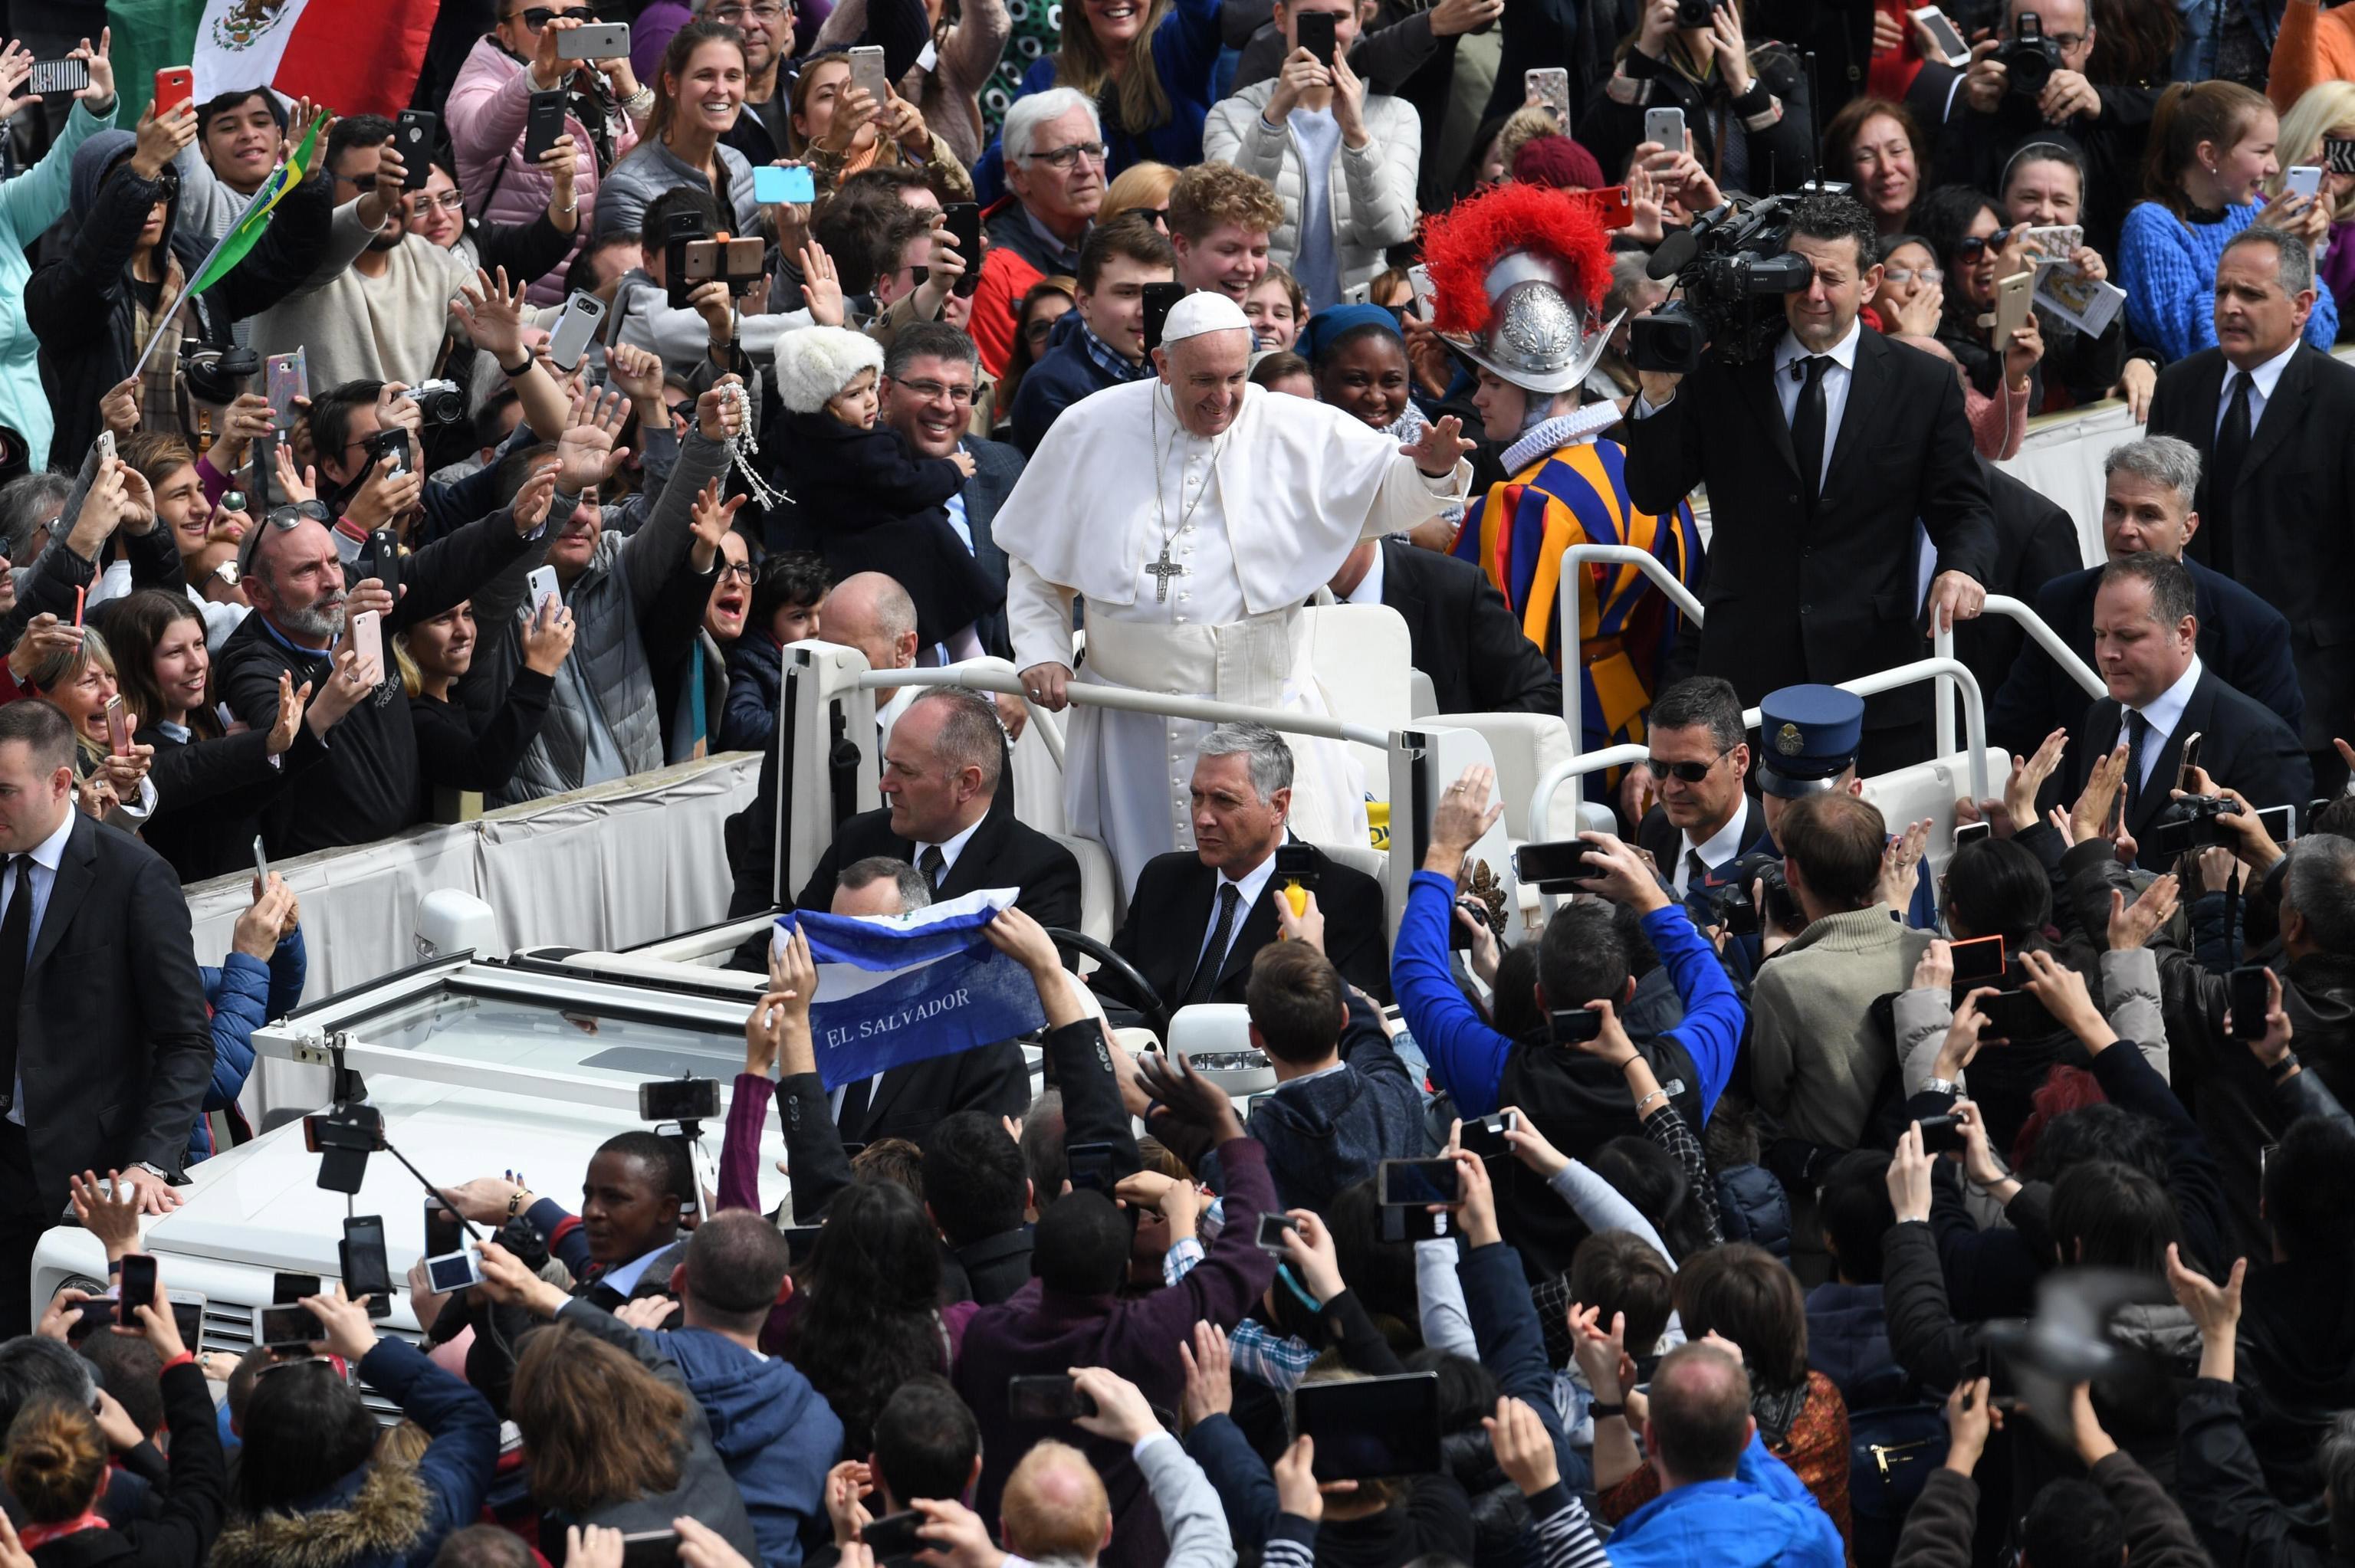 """""""Христос възкръсна!"""", провъзгласи папата. В своето обръщение той призова за мир в целия свят и, говорейки за горещите точки, помоли Господ """"да донесе мир на целия Близък изток, започвайки със Светите земи"""", а също така на """"възлюбената и страдаща Сирия"""" и страните от Африка – Южен Судан и Сомалия, които """"както и преди са раздирани от конфликти, задълбочаващи се от сушата""""."""